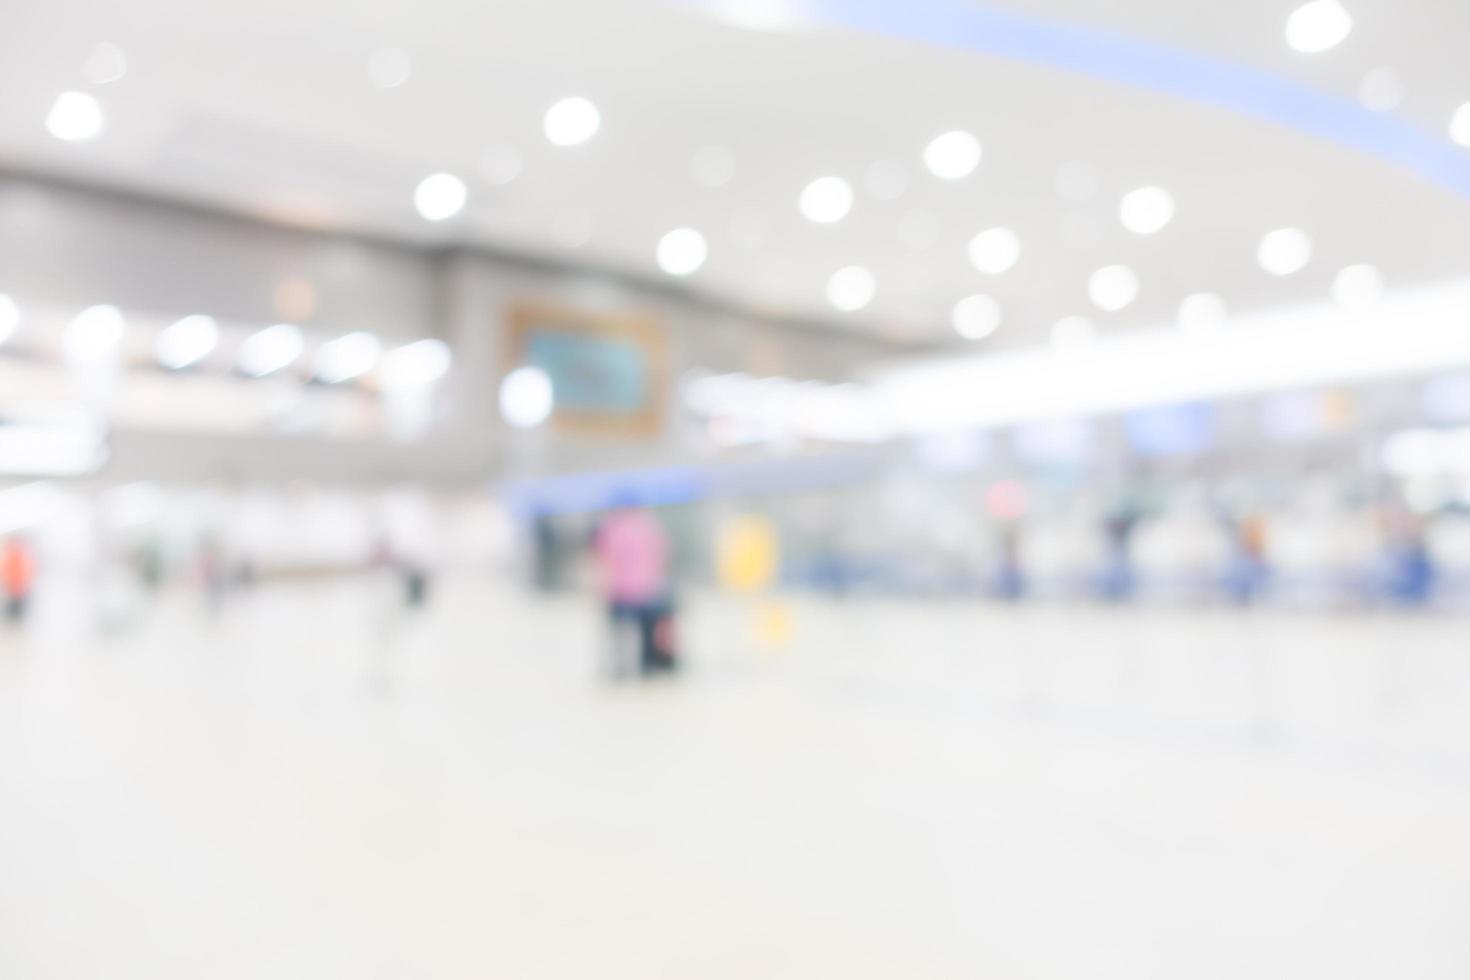 abstrakt defocused flygplatsinredning för bakgrund foto